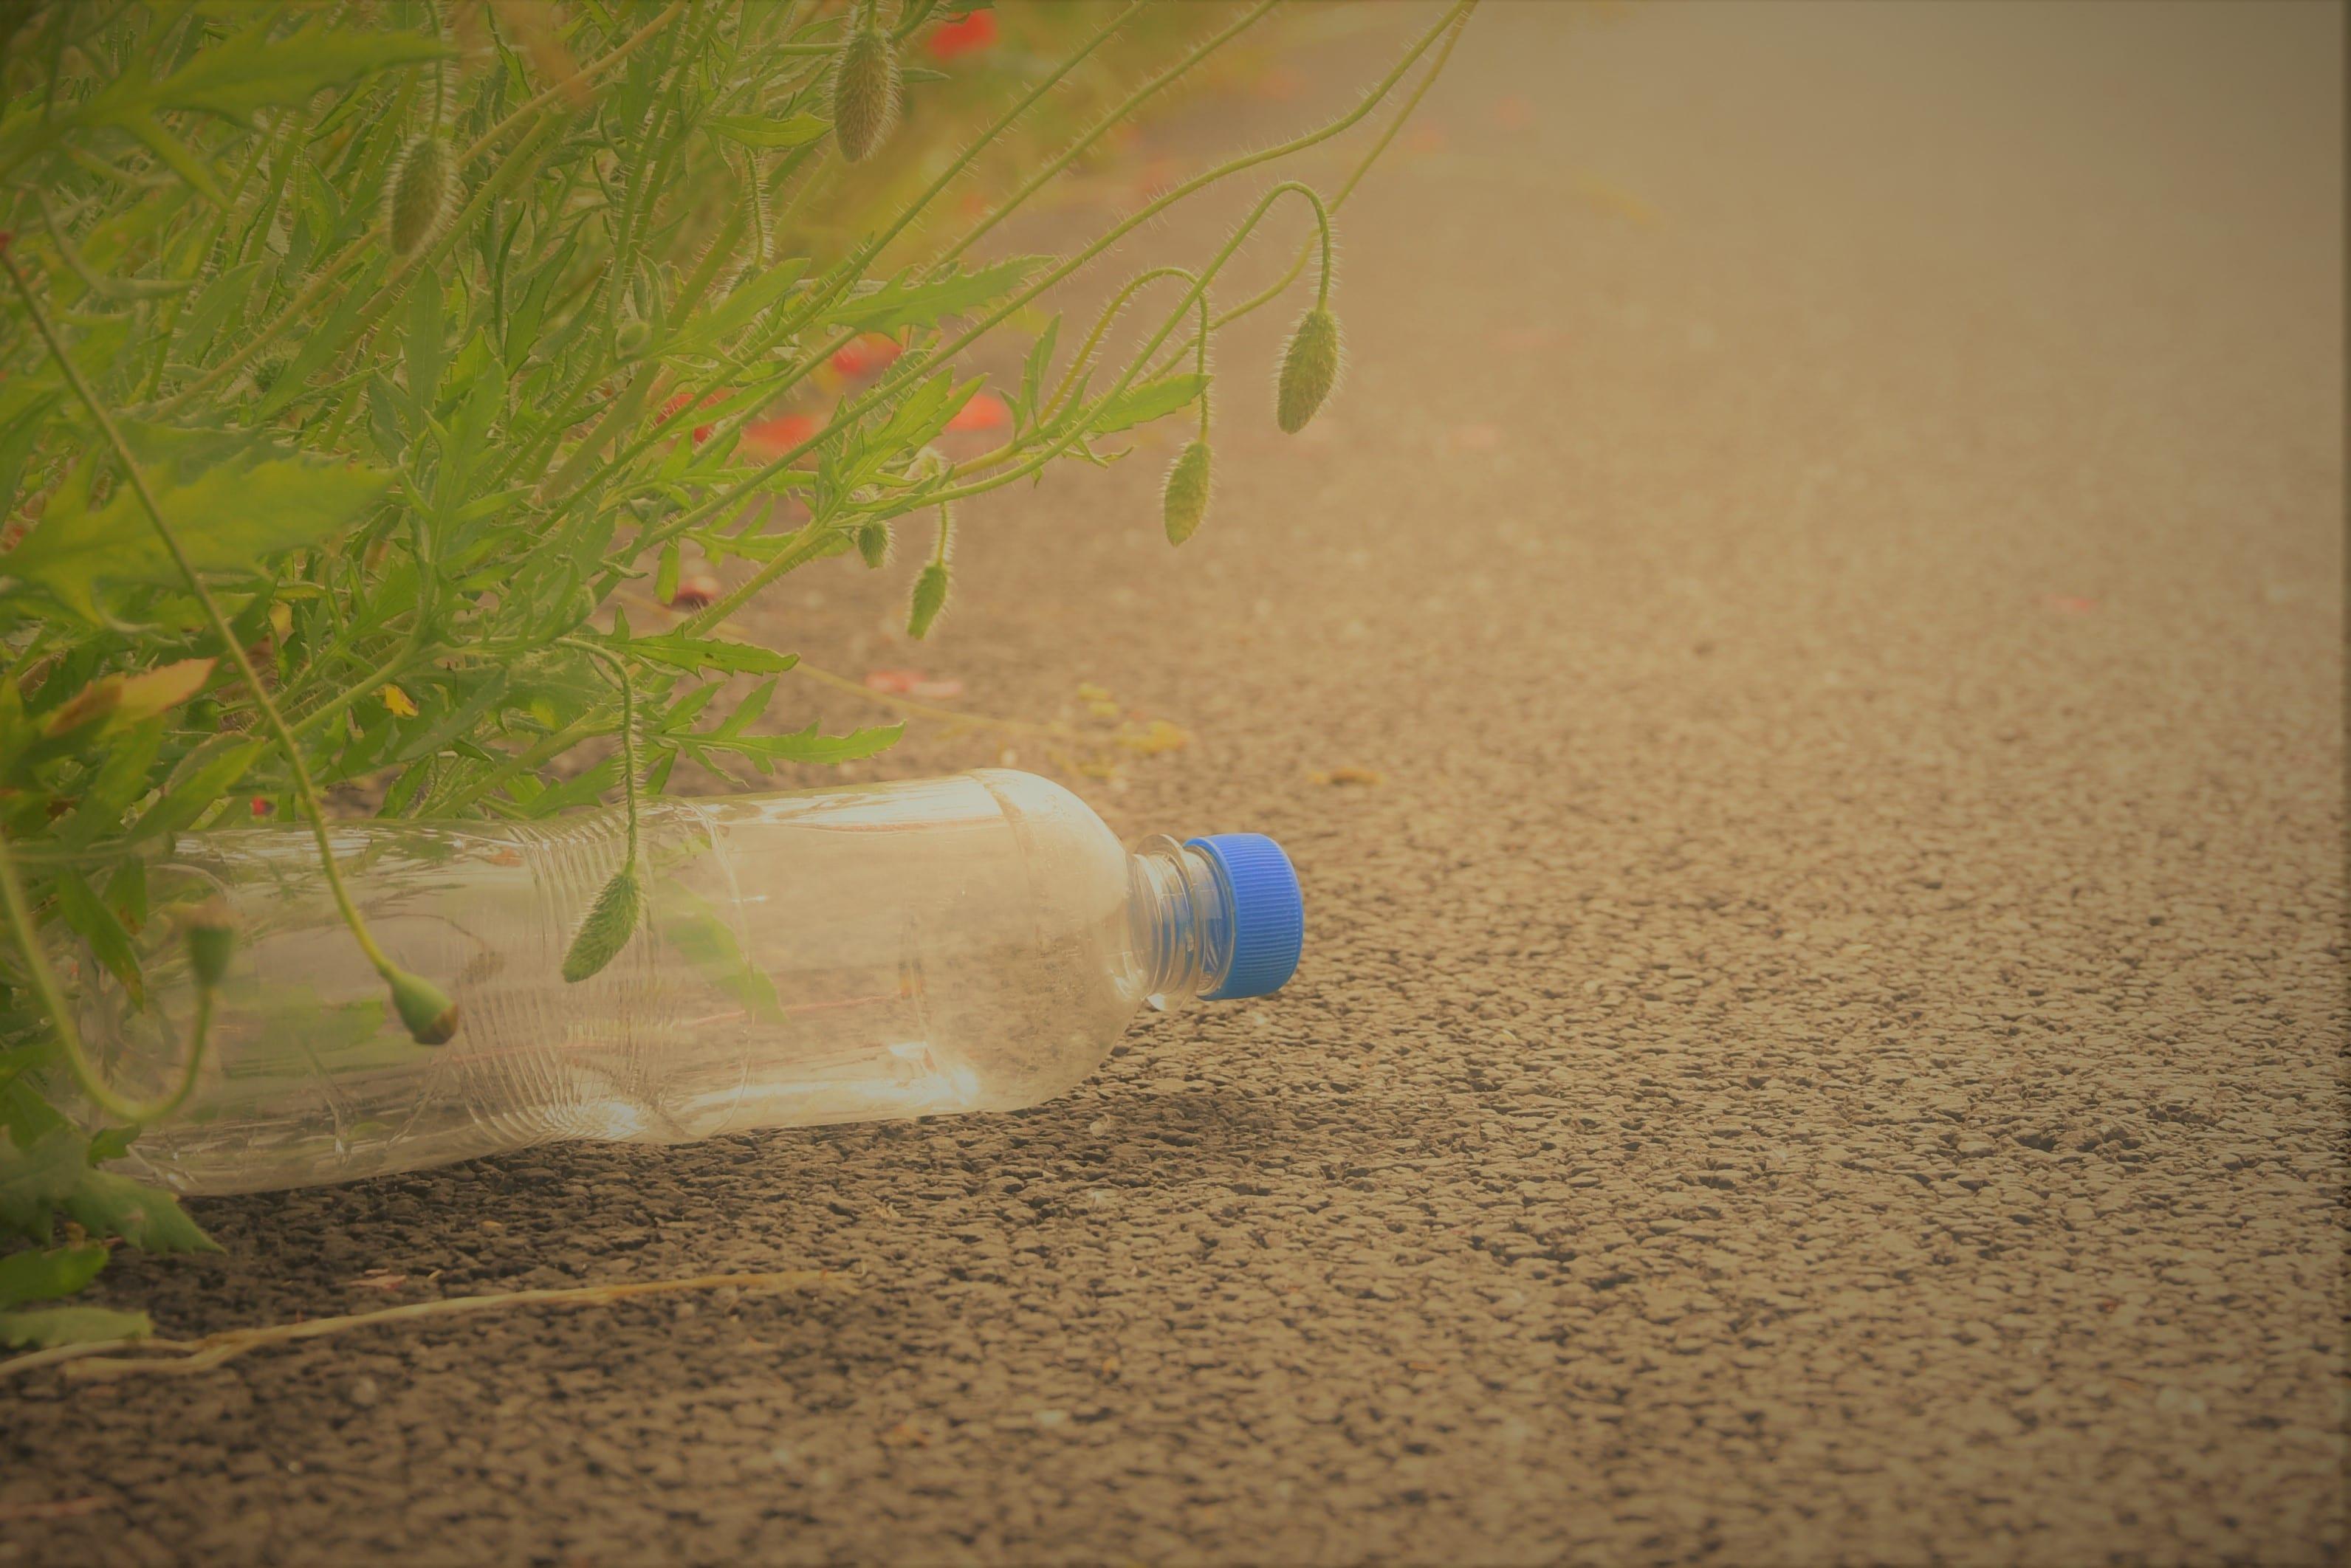 車道にペットボトル